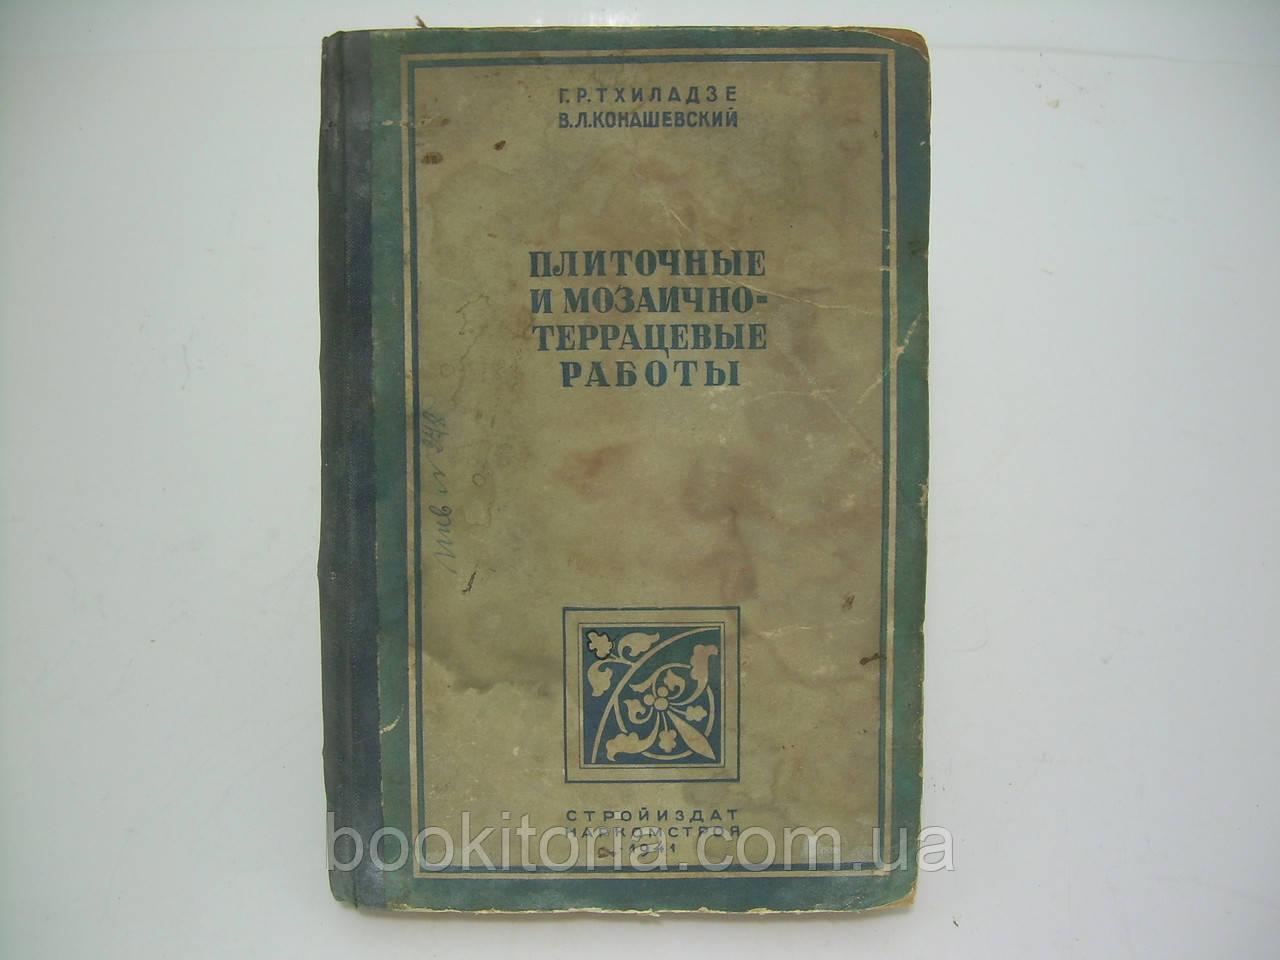 Тхиладзе Г.Р., Конашевский В.Л. Плиточные и мозаично-террацевые работы (б/у).